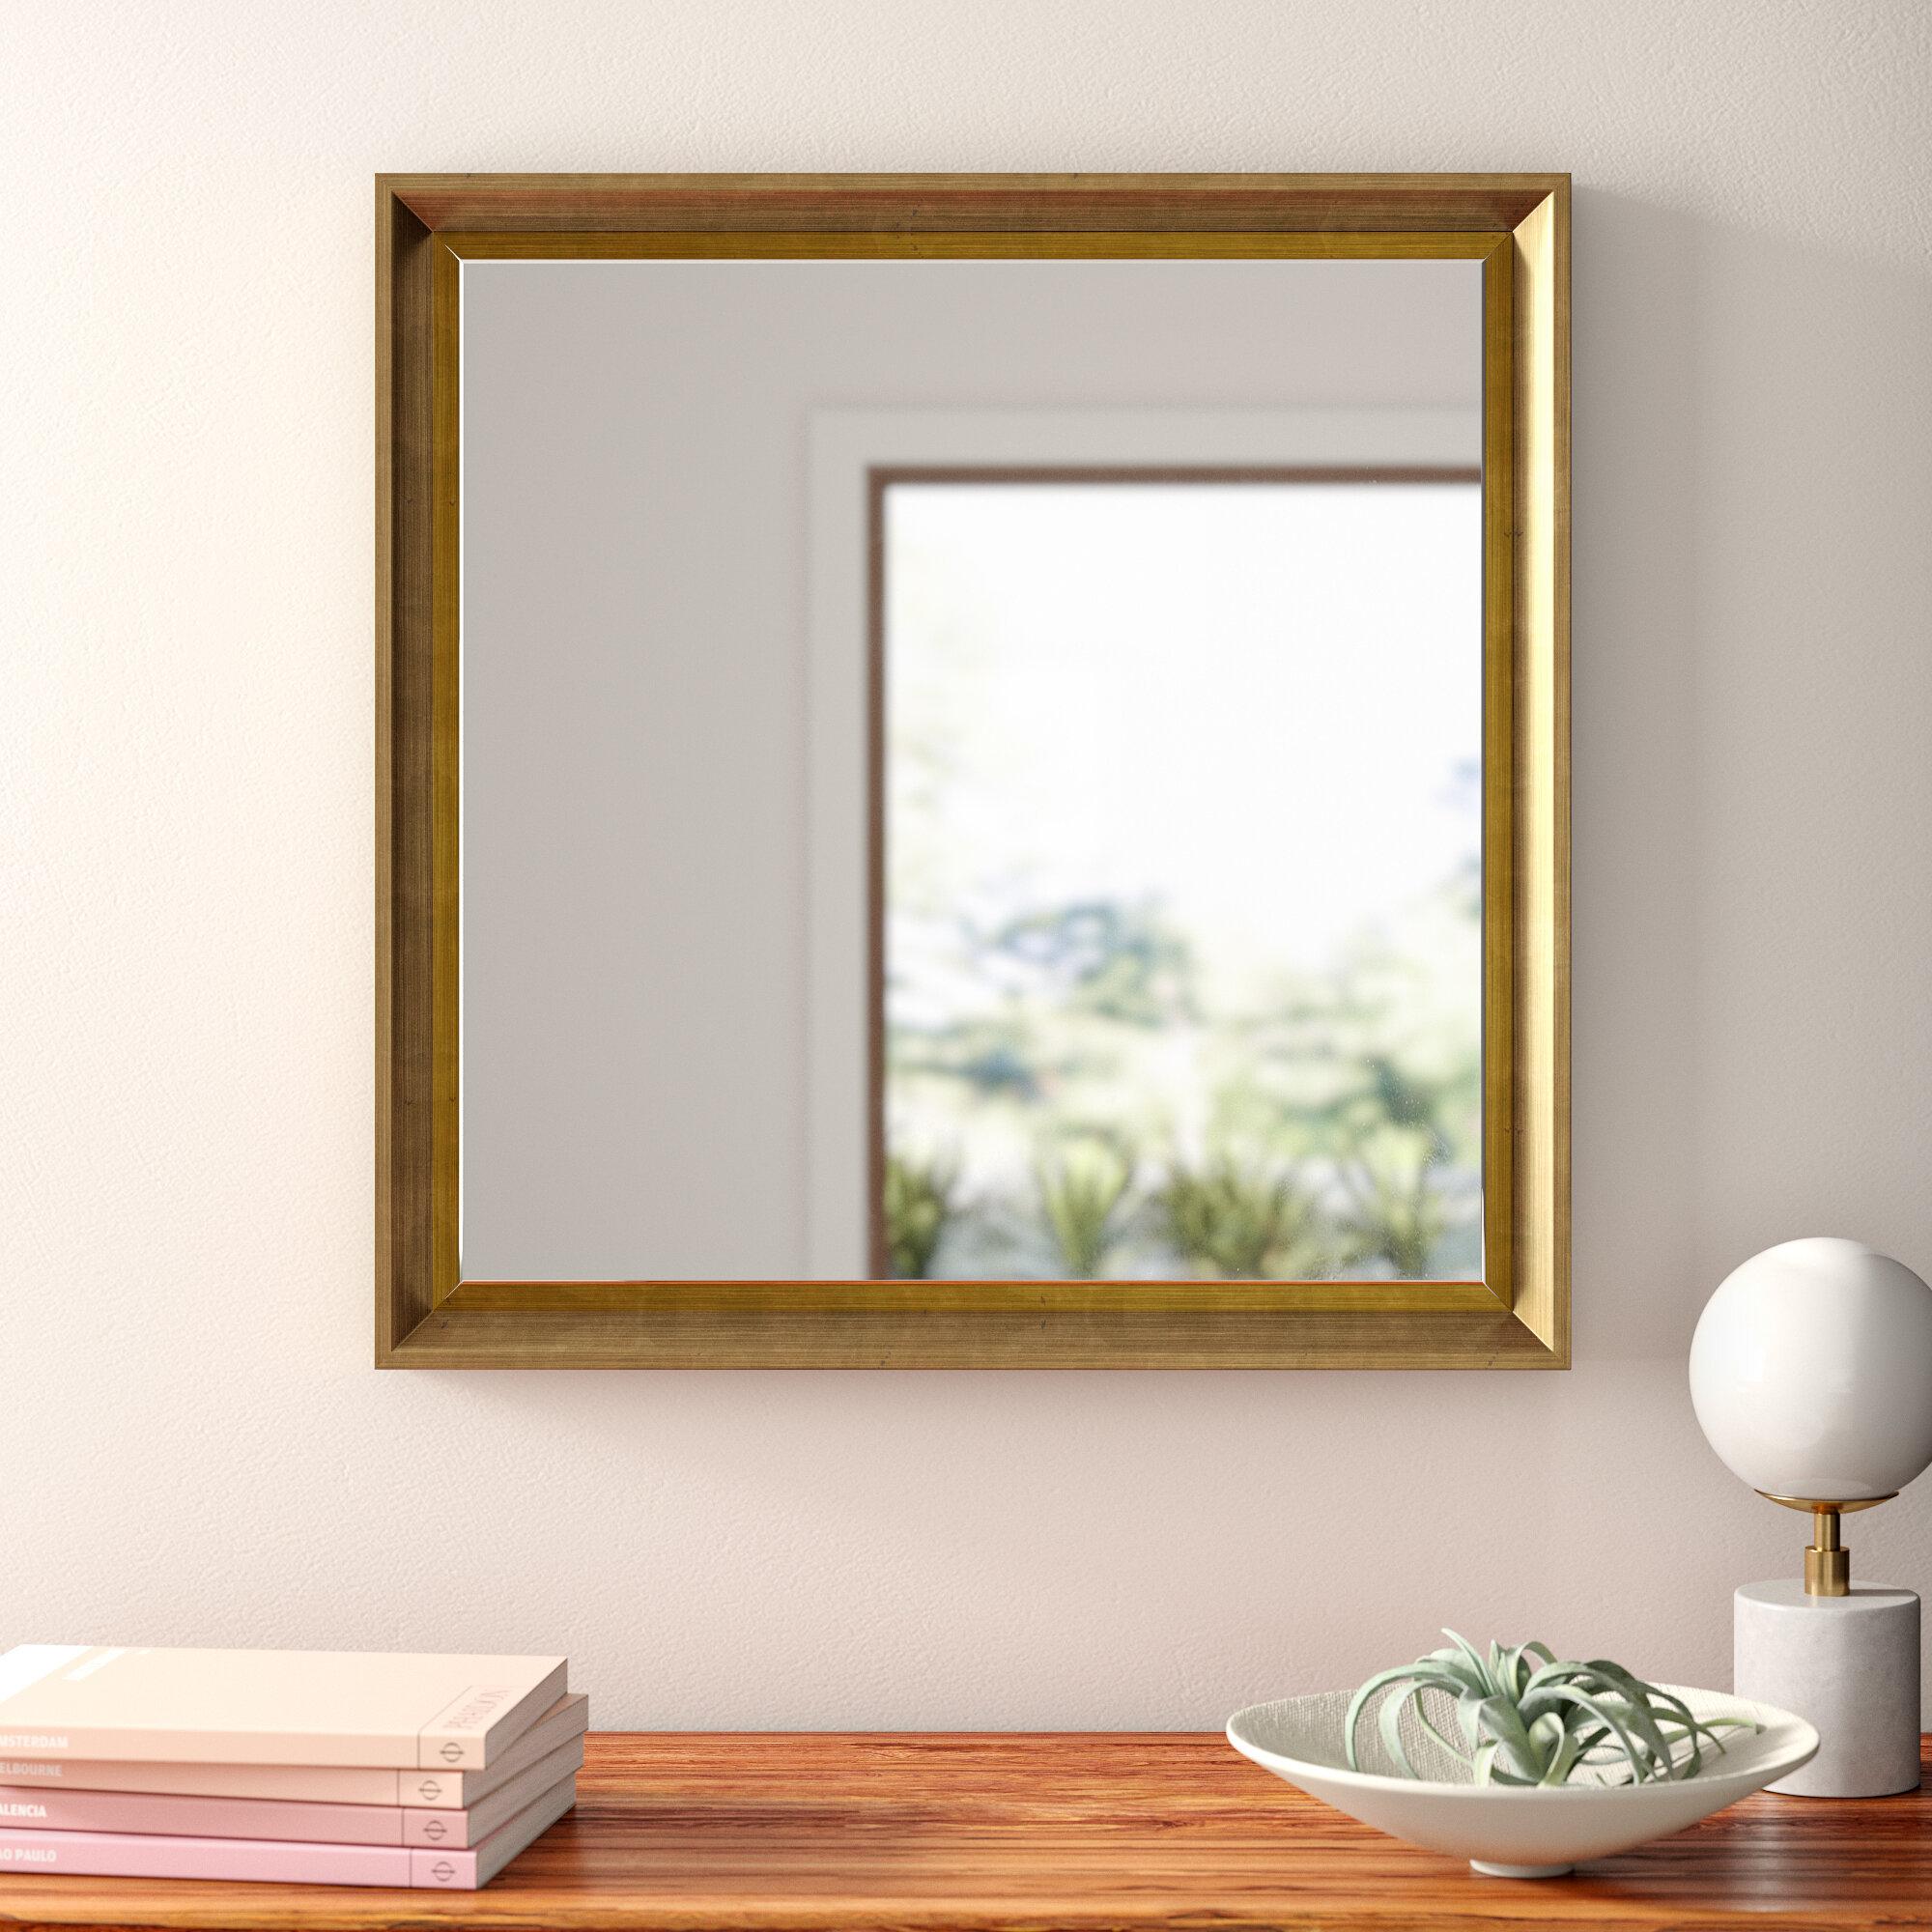 Sundown Framed Glam Beveled Accent Mirror In Shildon Beveled Accent Mirrors (View 6 of 20)